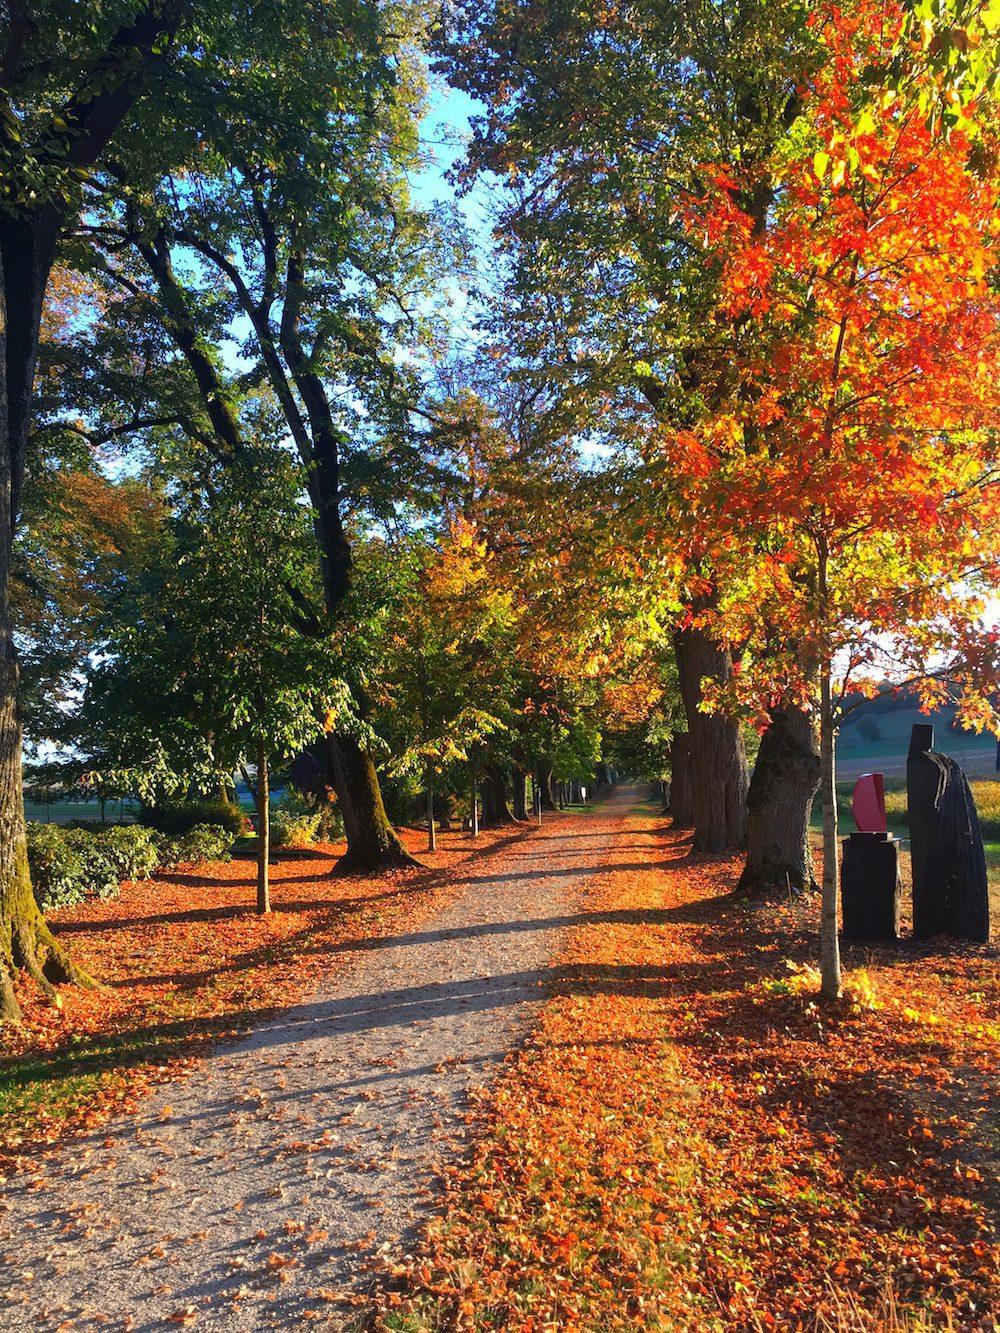 L'allée cavalière rouge feu en automne.